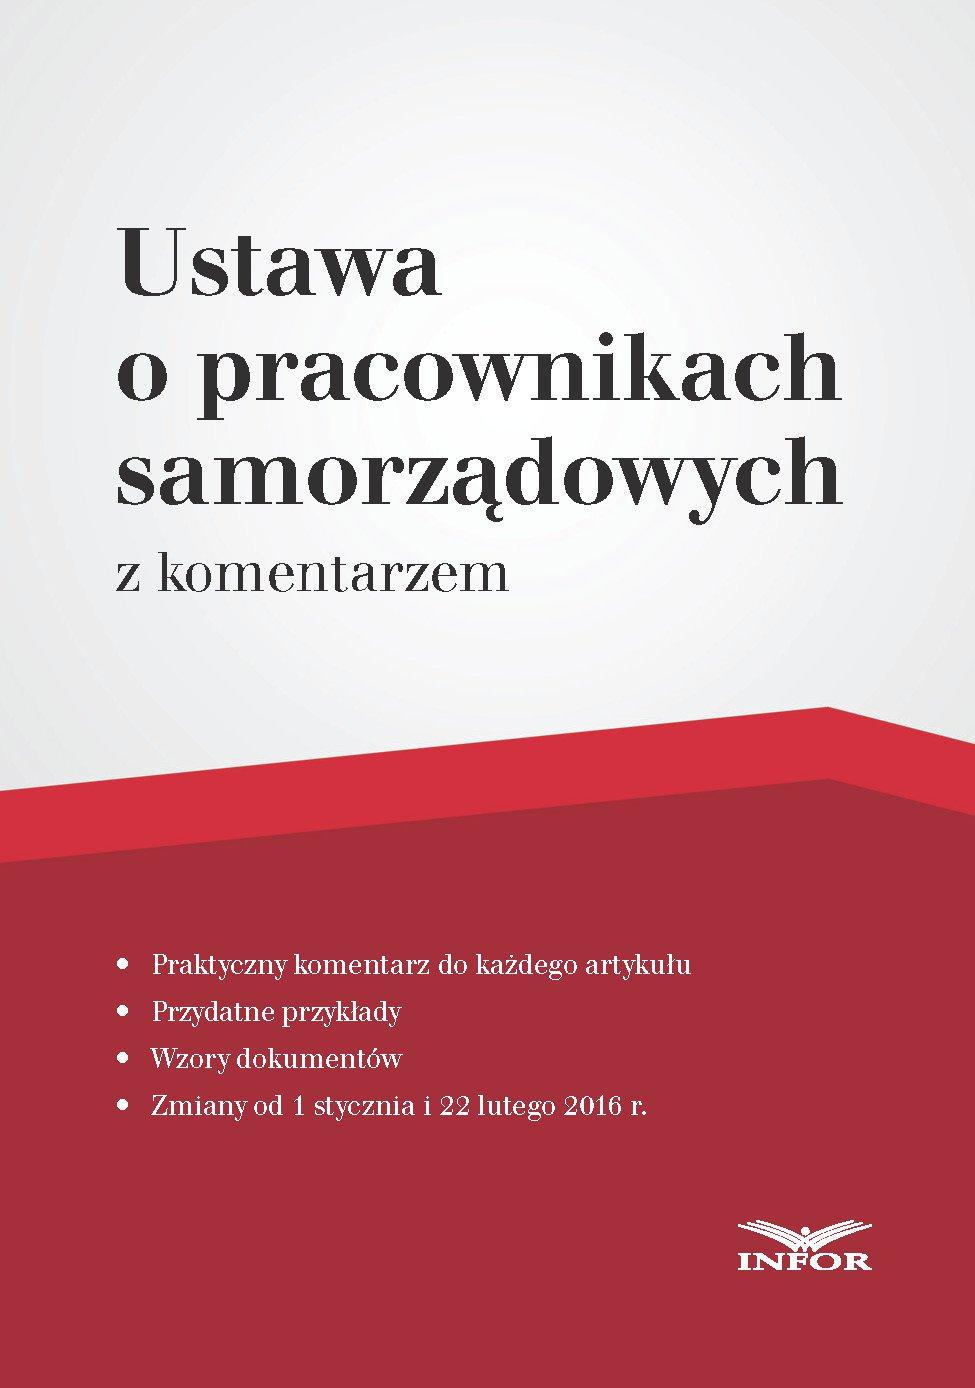 Ustawa o pracownikach samorządowych – komentarz - Ebook (Książka PDF) do pobrania w formacie PDF